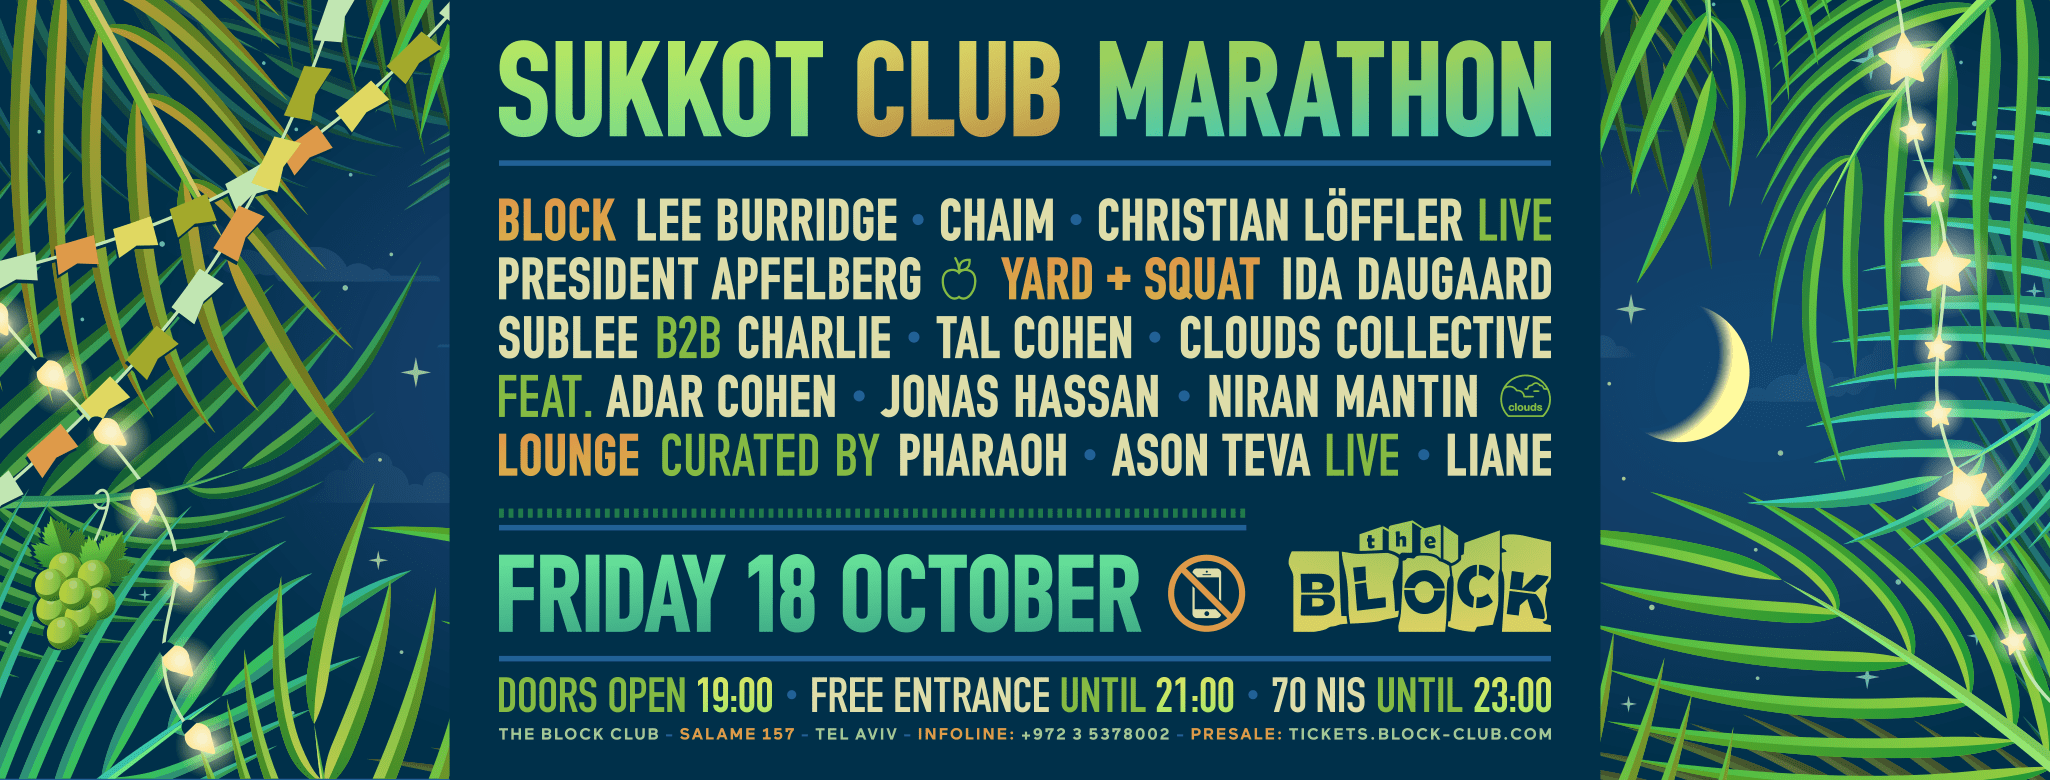 Sukkot 2019 Club Marathon at The Block